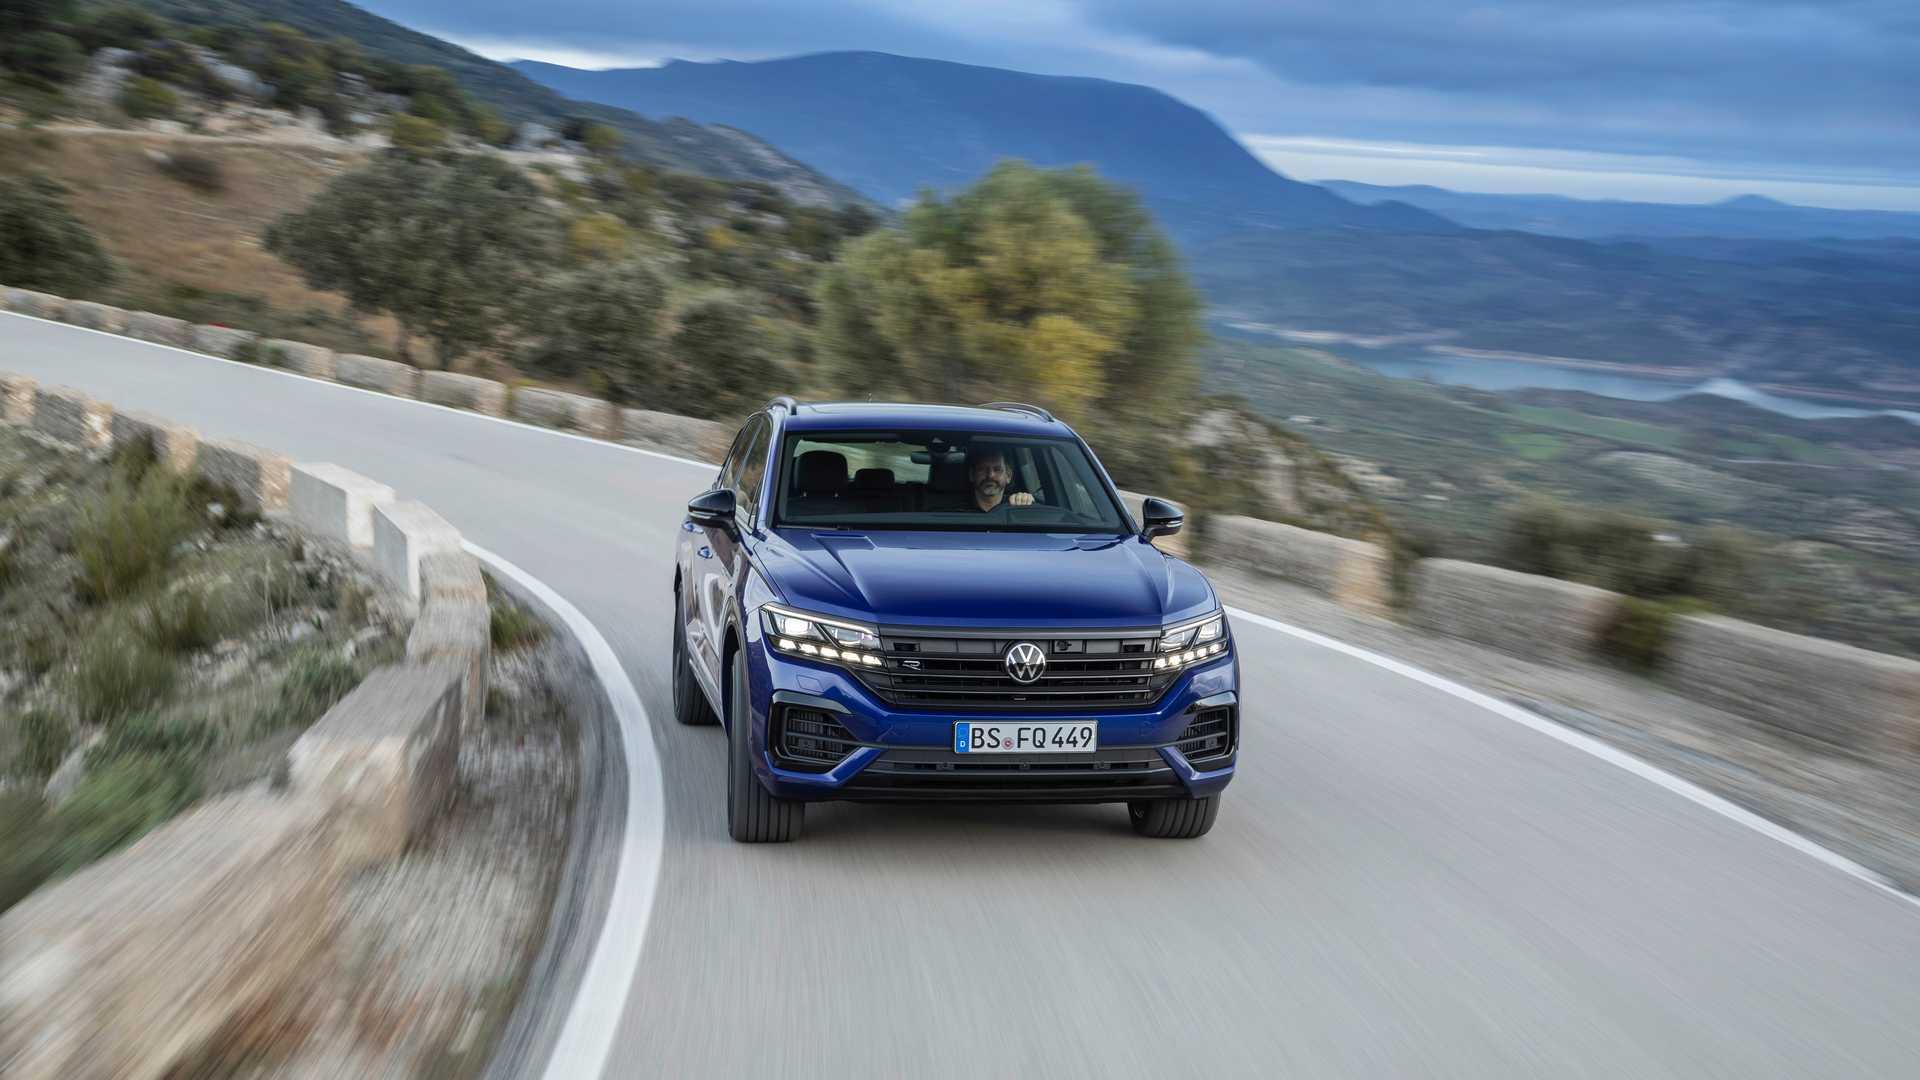 Новинка             Volkswagen представил самый мощный Touareg в истории